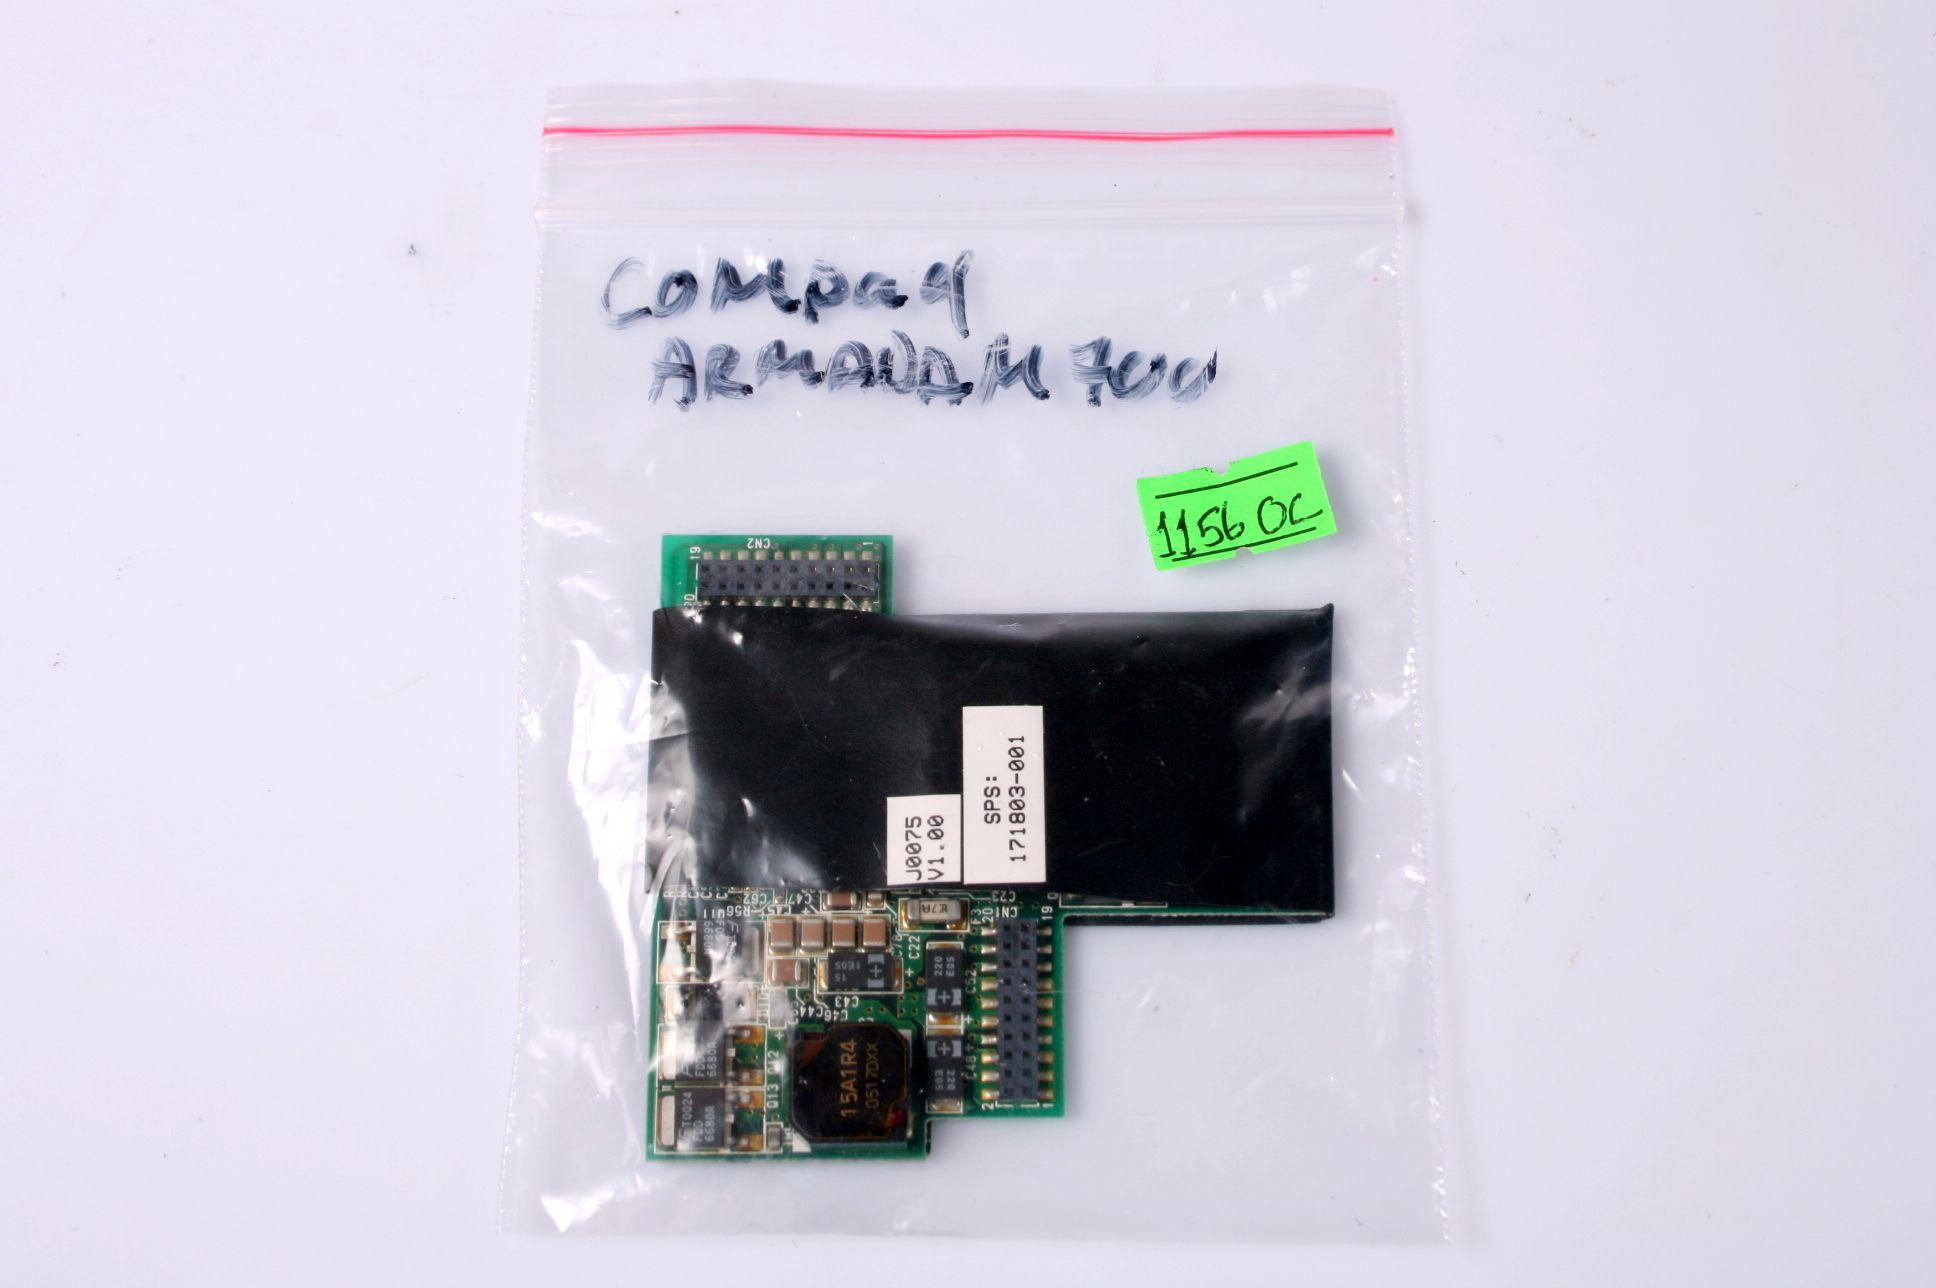 HP Compaq Armada M700 Voltage Convertor Board 171803-001